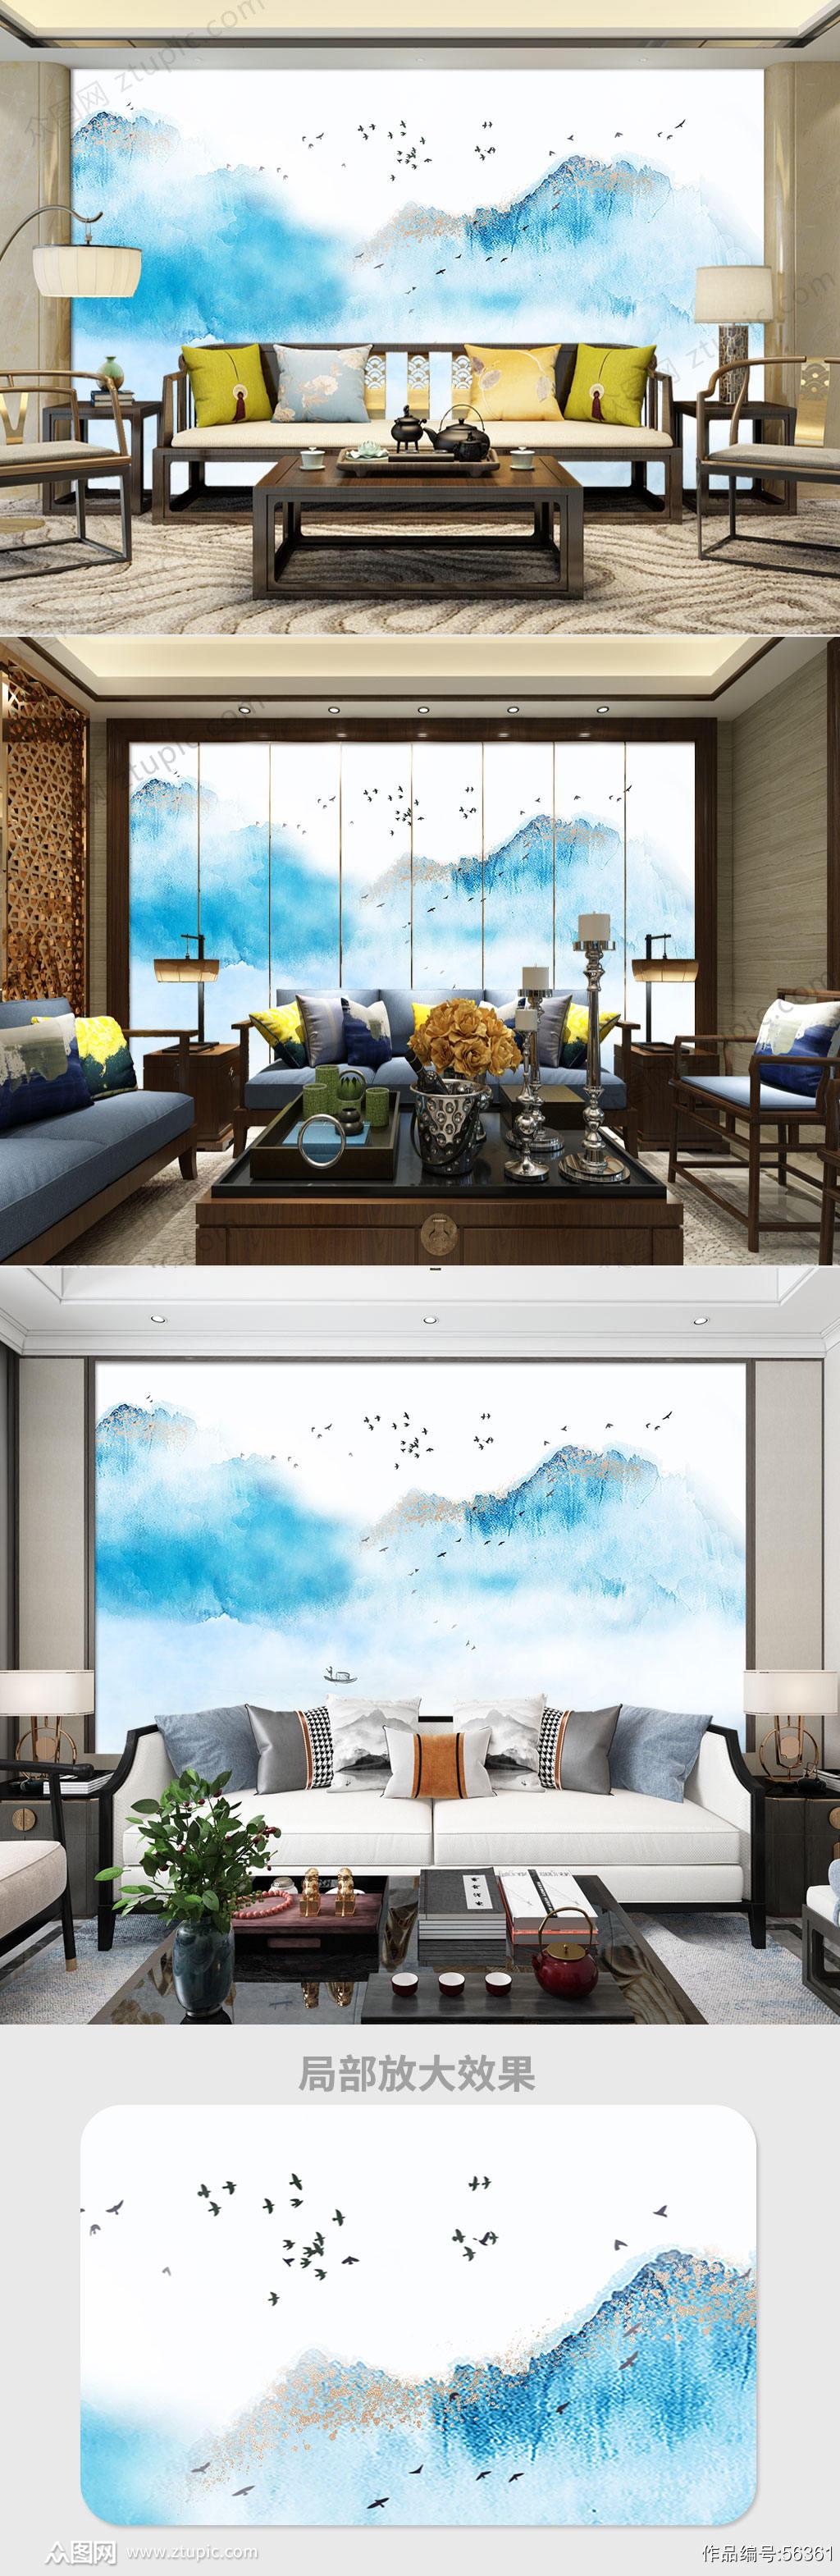 新中式抽象水墨电视背景墙素材